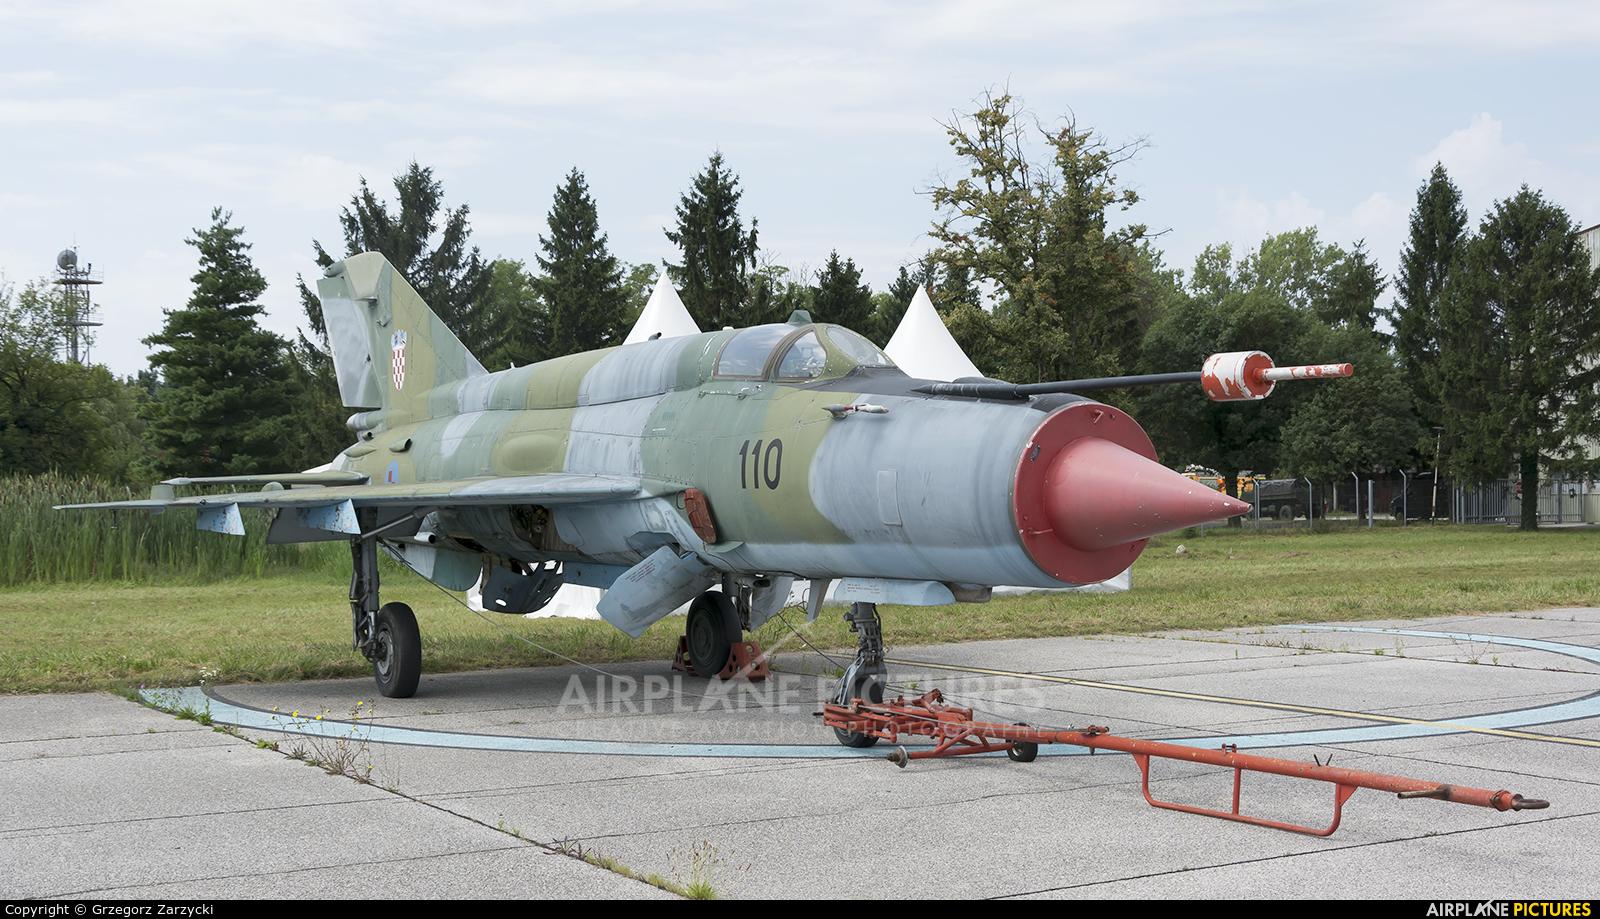 Croatia - Air Force 110 aircraft at Zagreb